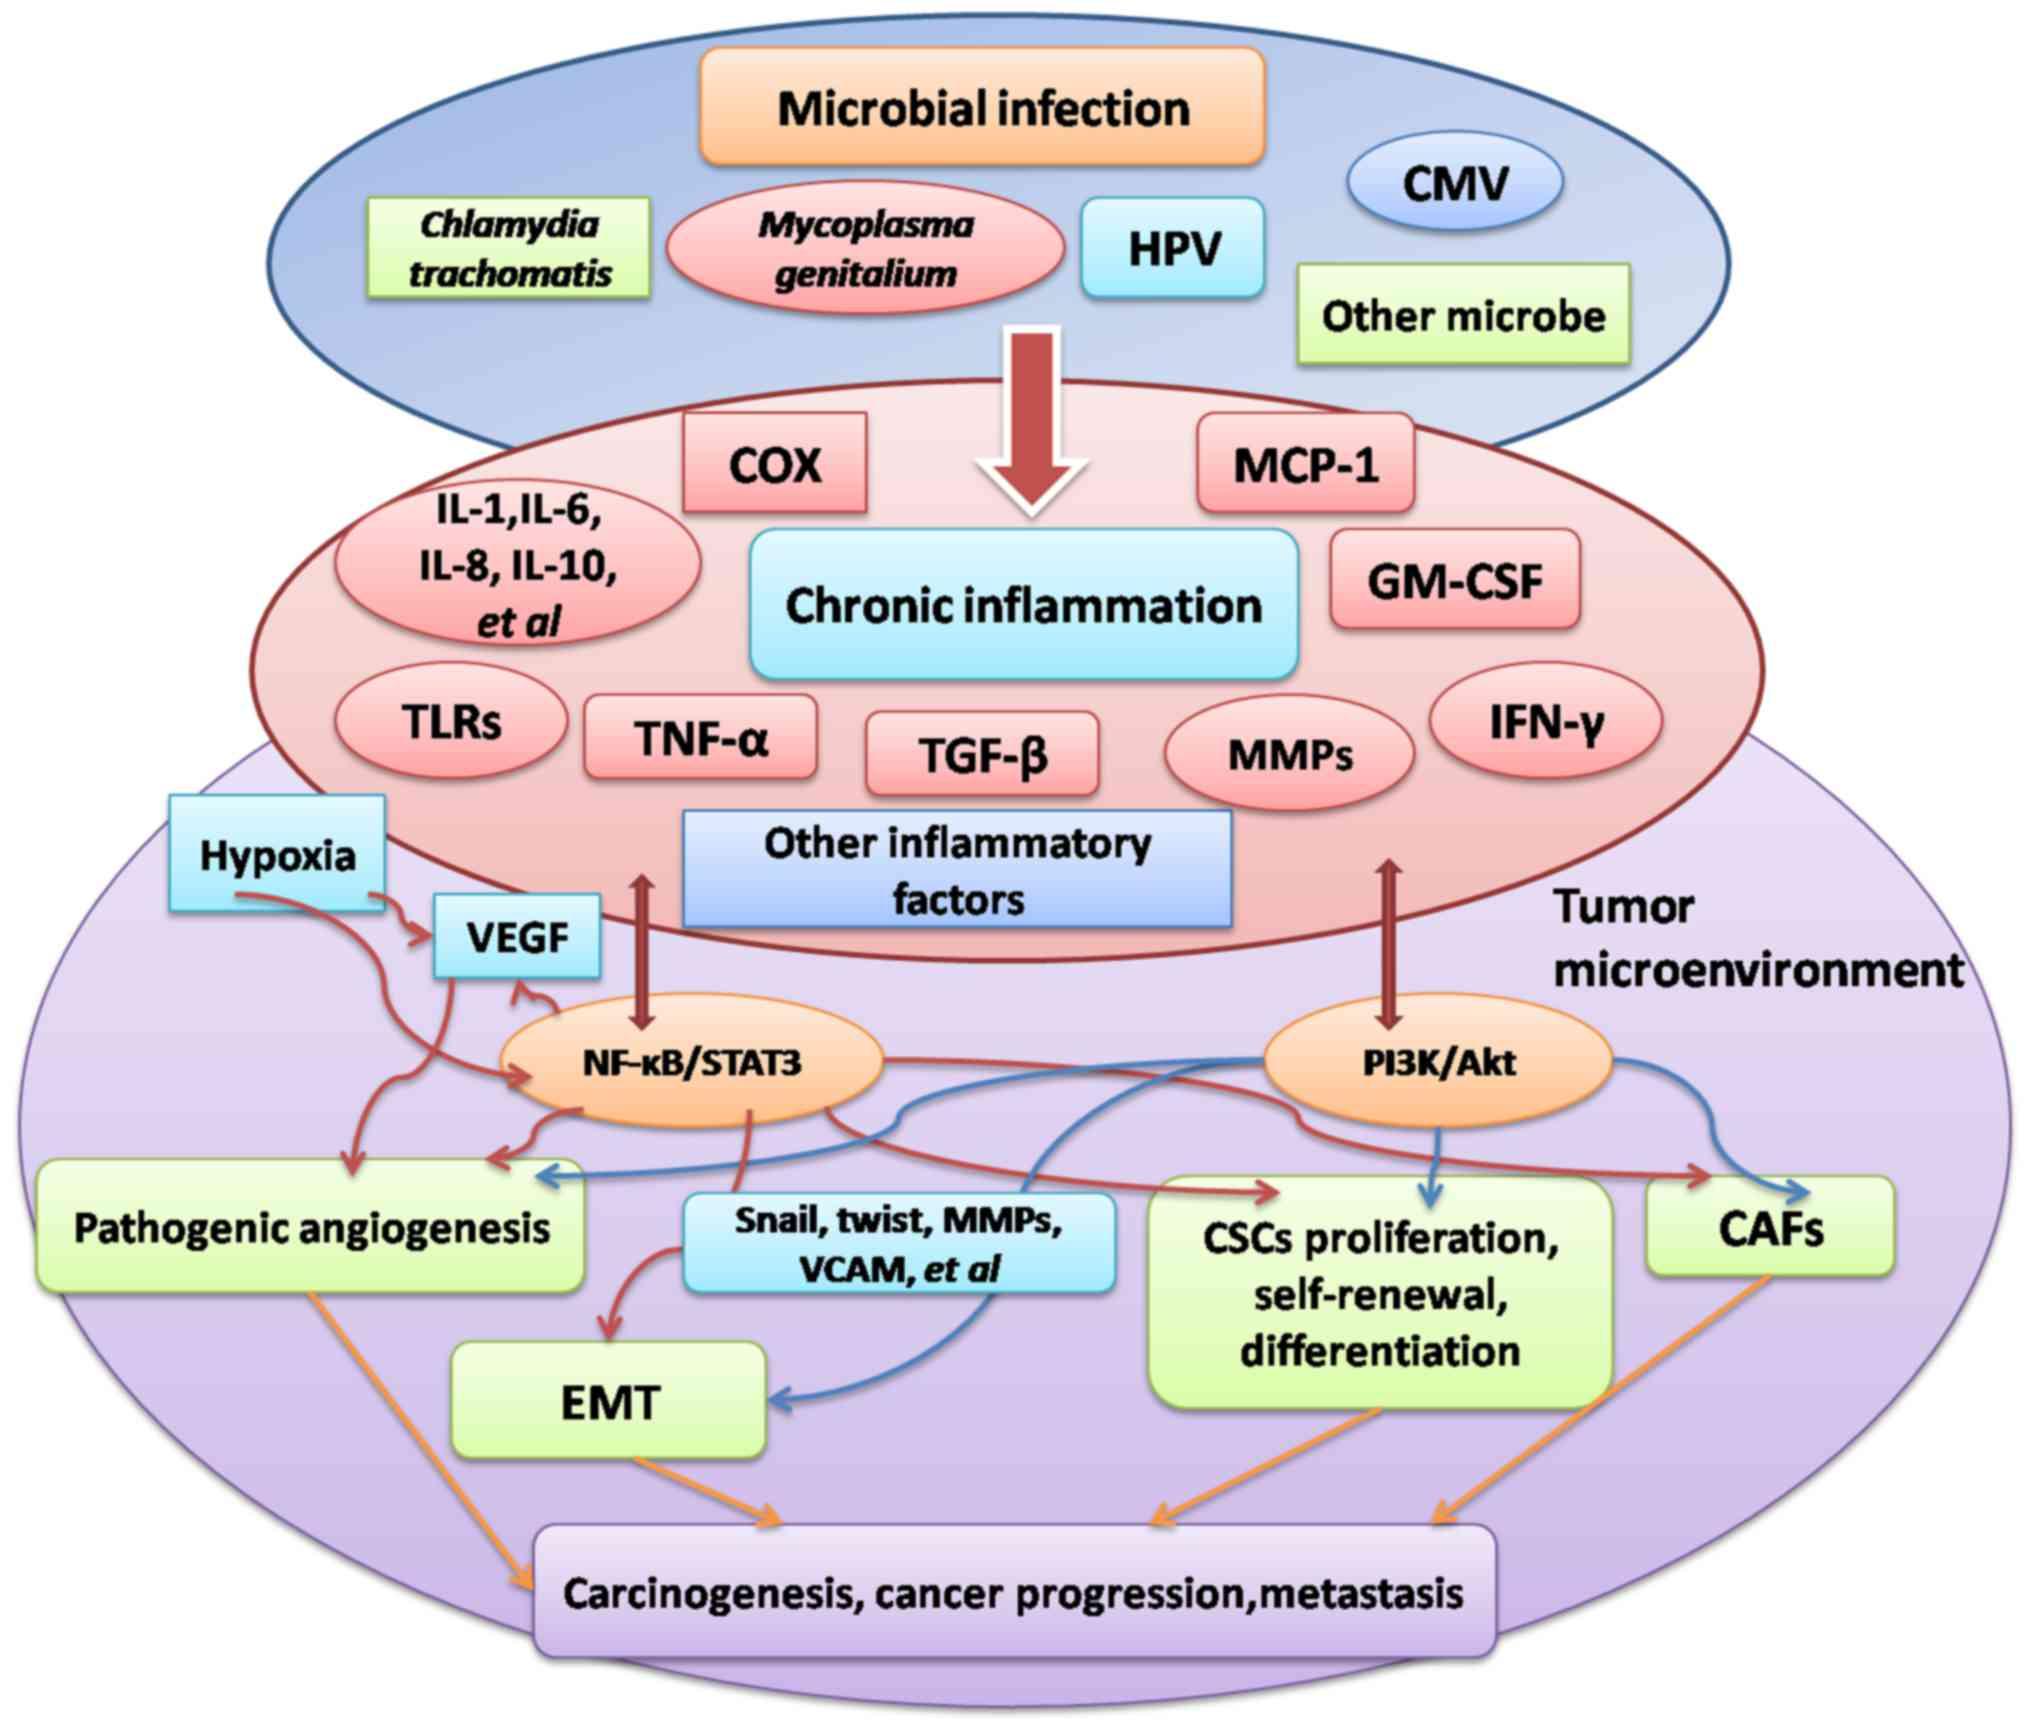 human papillomavirus in ovarian cancer